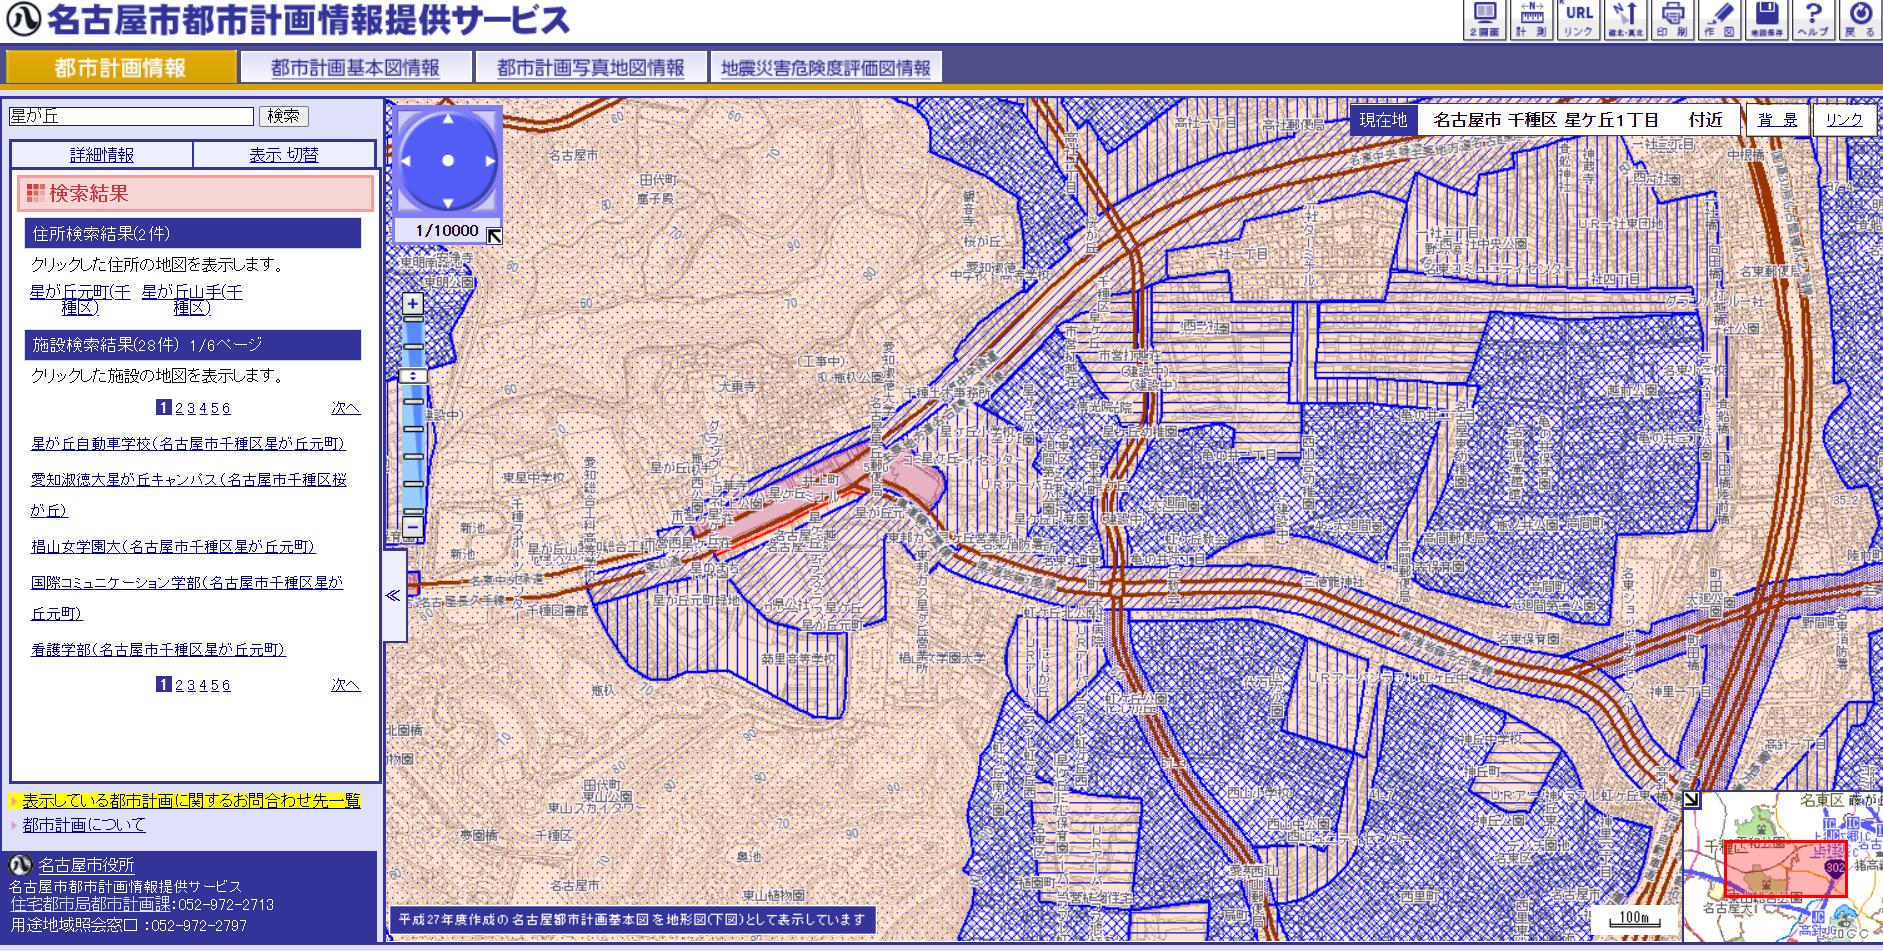 名古屋市千種区星ヶ丘の高度地区および準防火地域の指定の状況